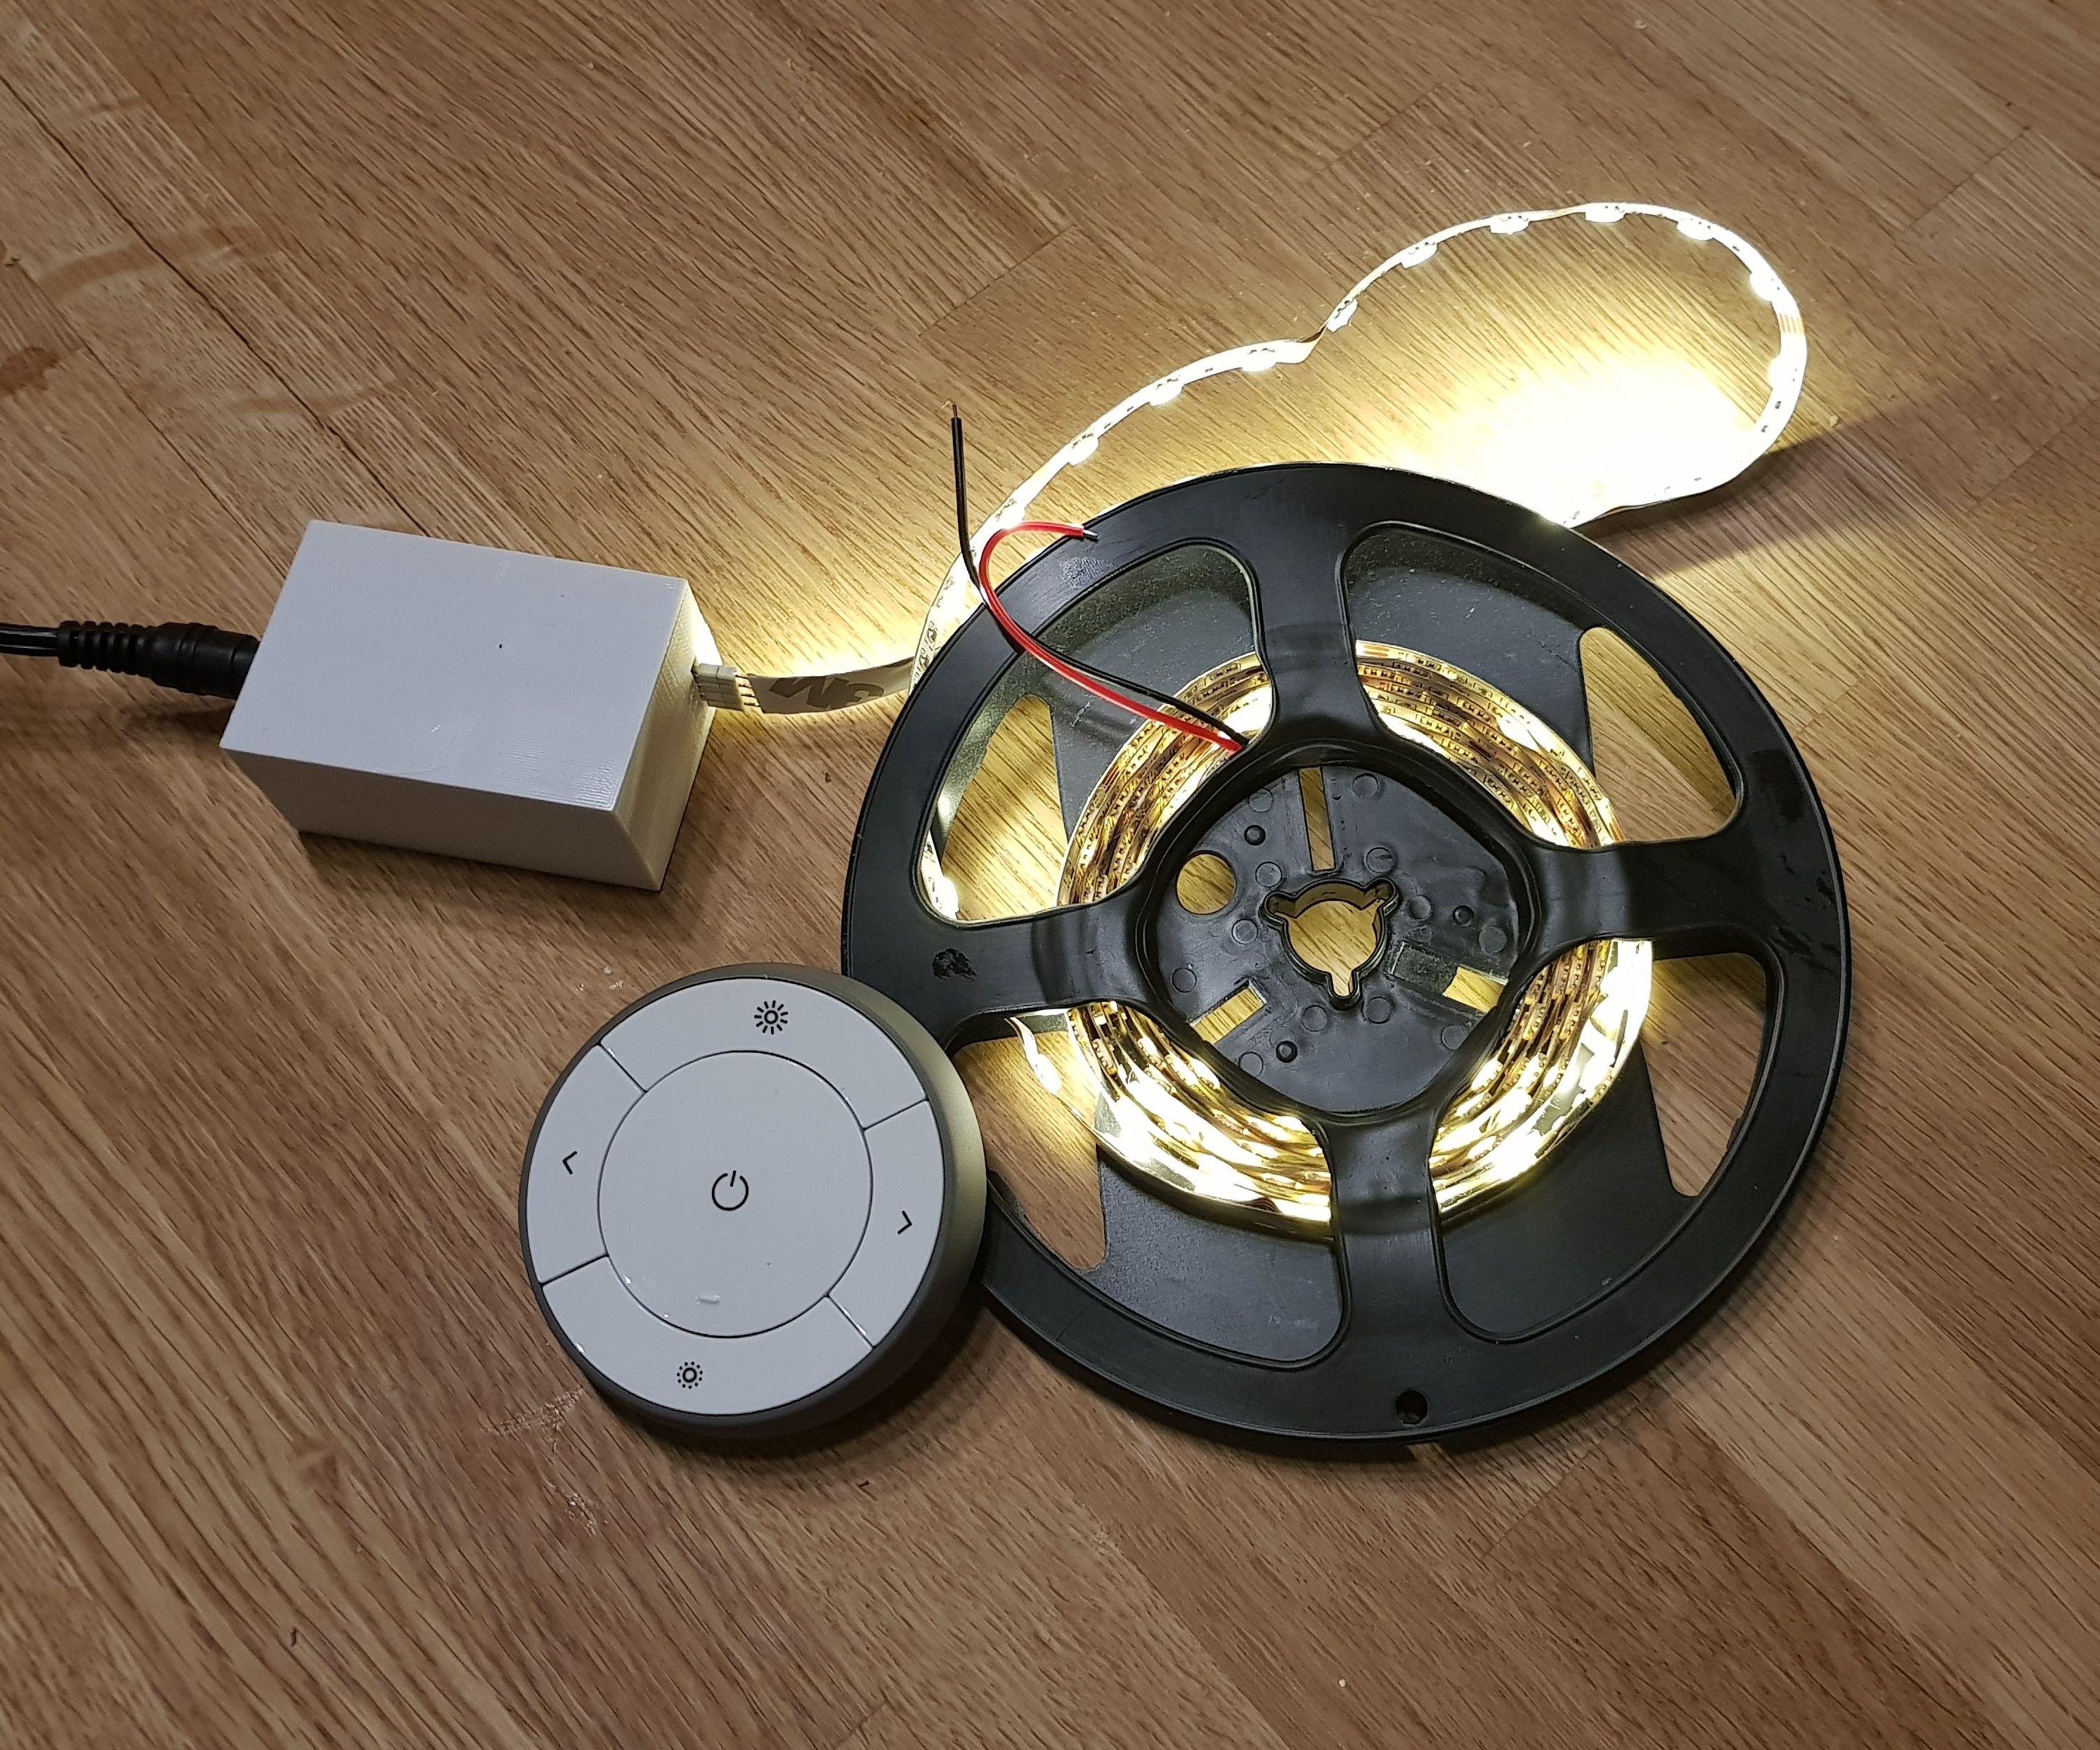 Zigbee LED Strip Dimmer (IKEA Hack)